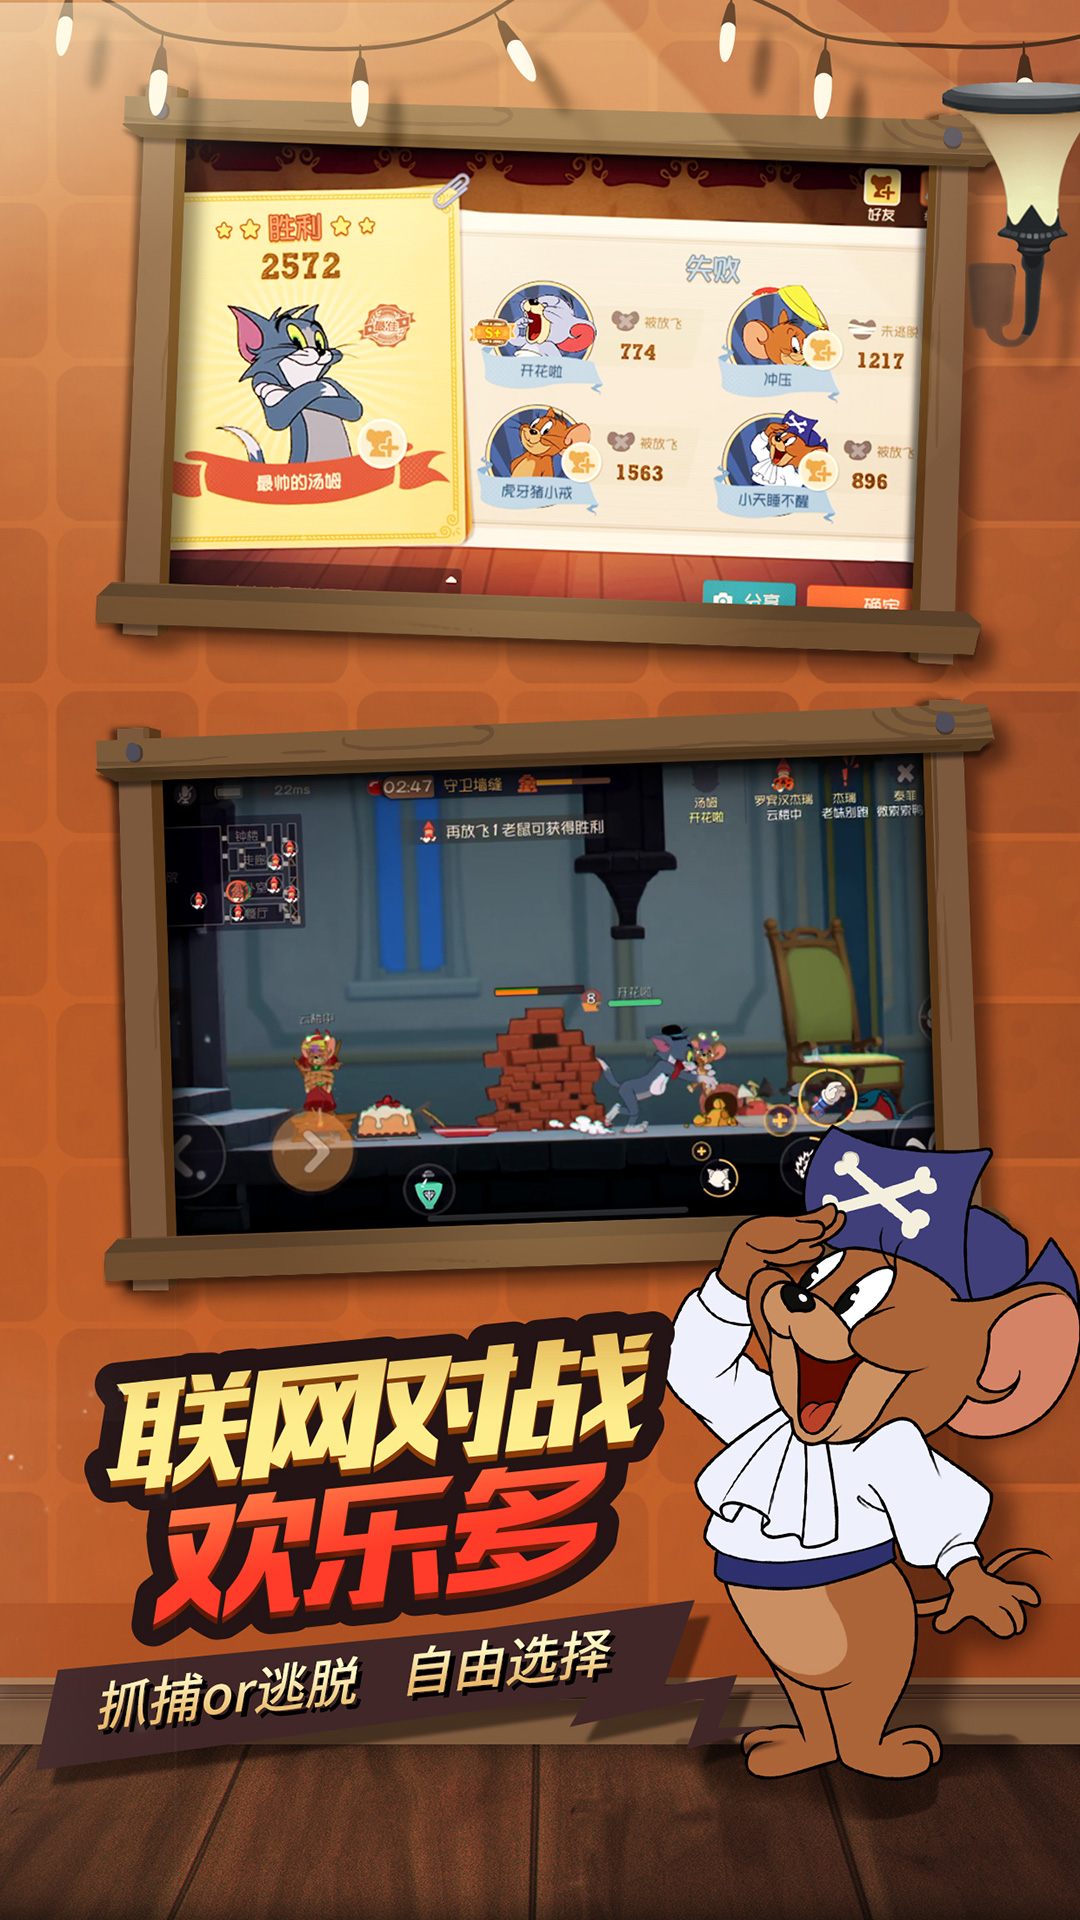 猫和老鼠(正版授权)游戏截图